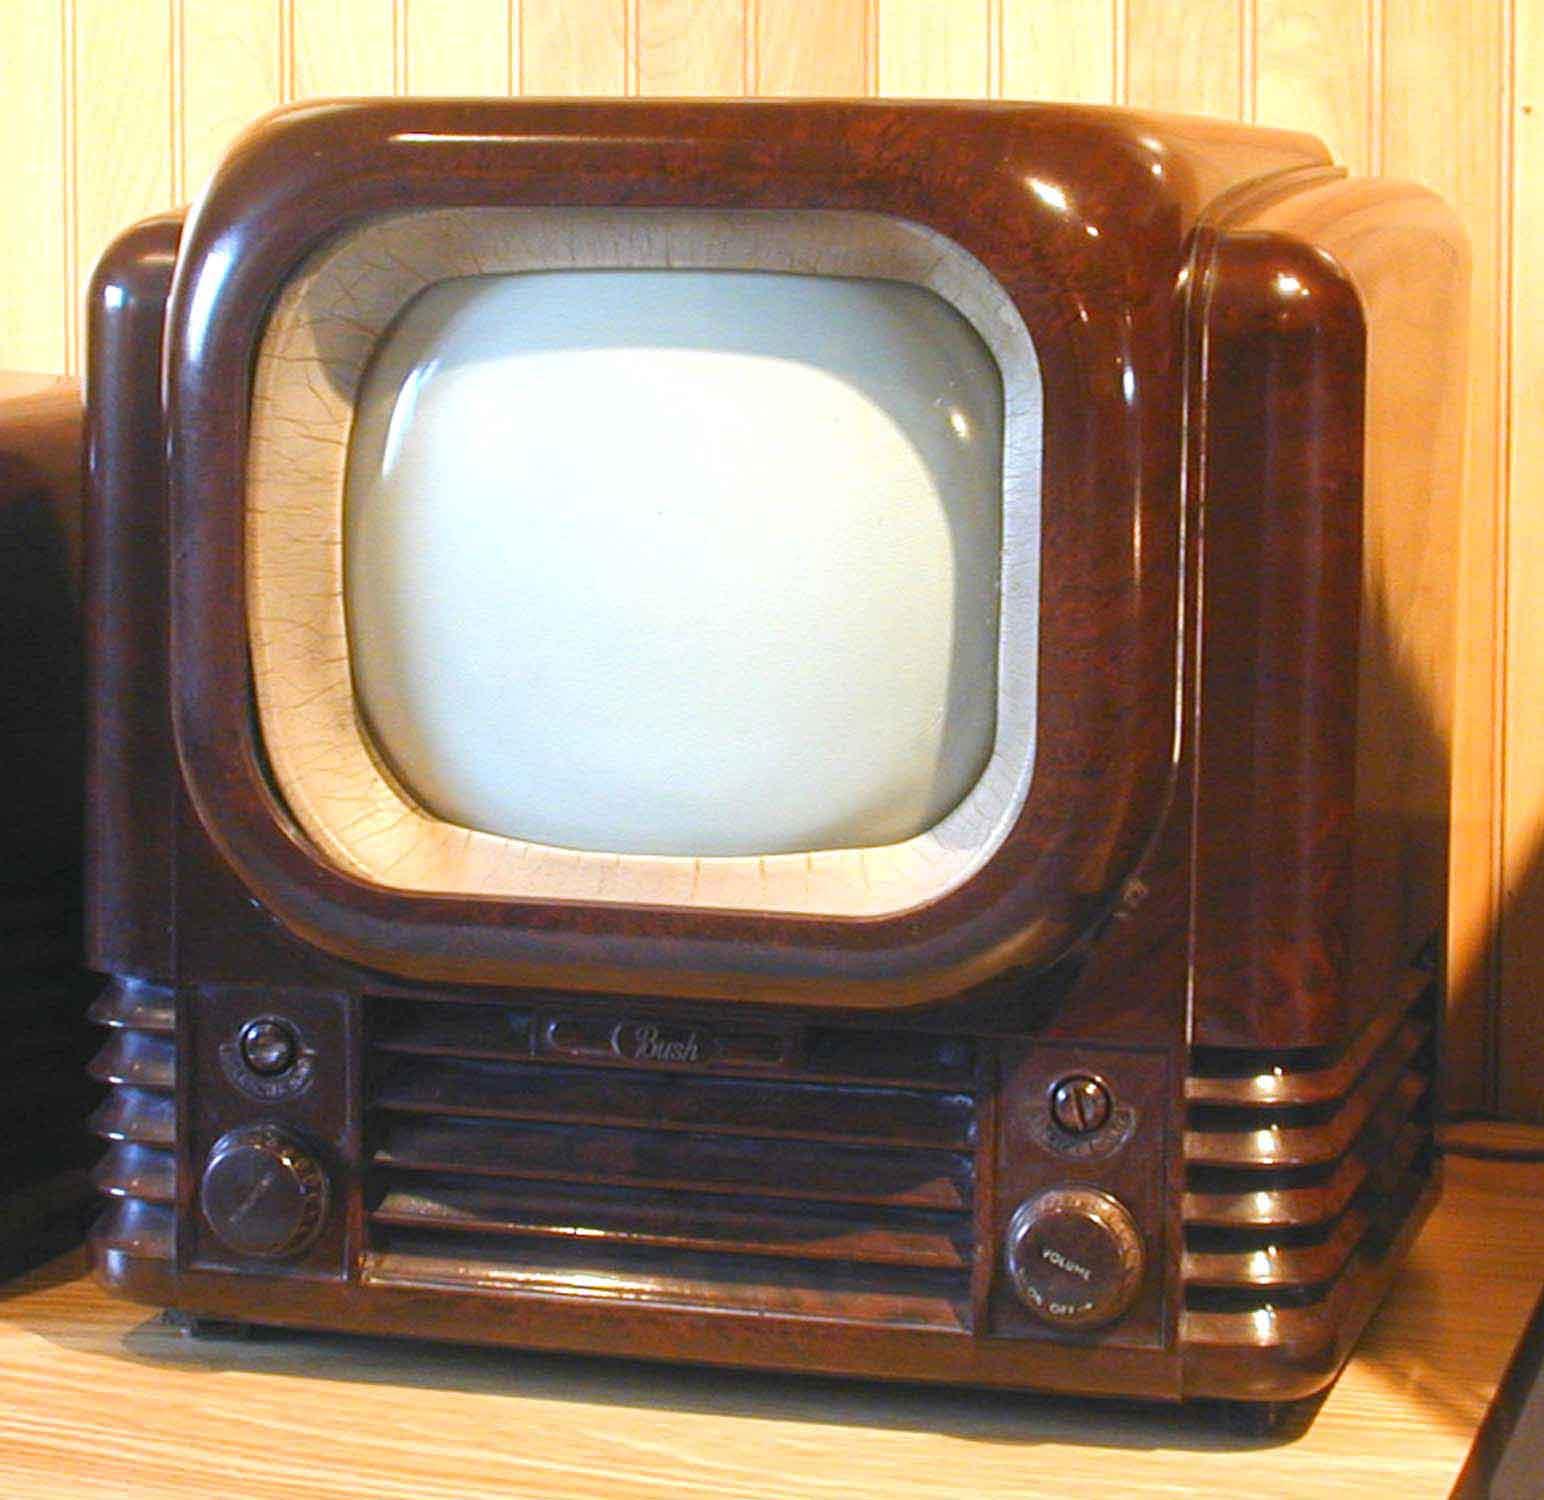 TubeTV - бесплатная программа, которая позволяет NEA ч ивать и